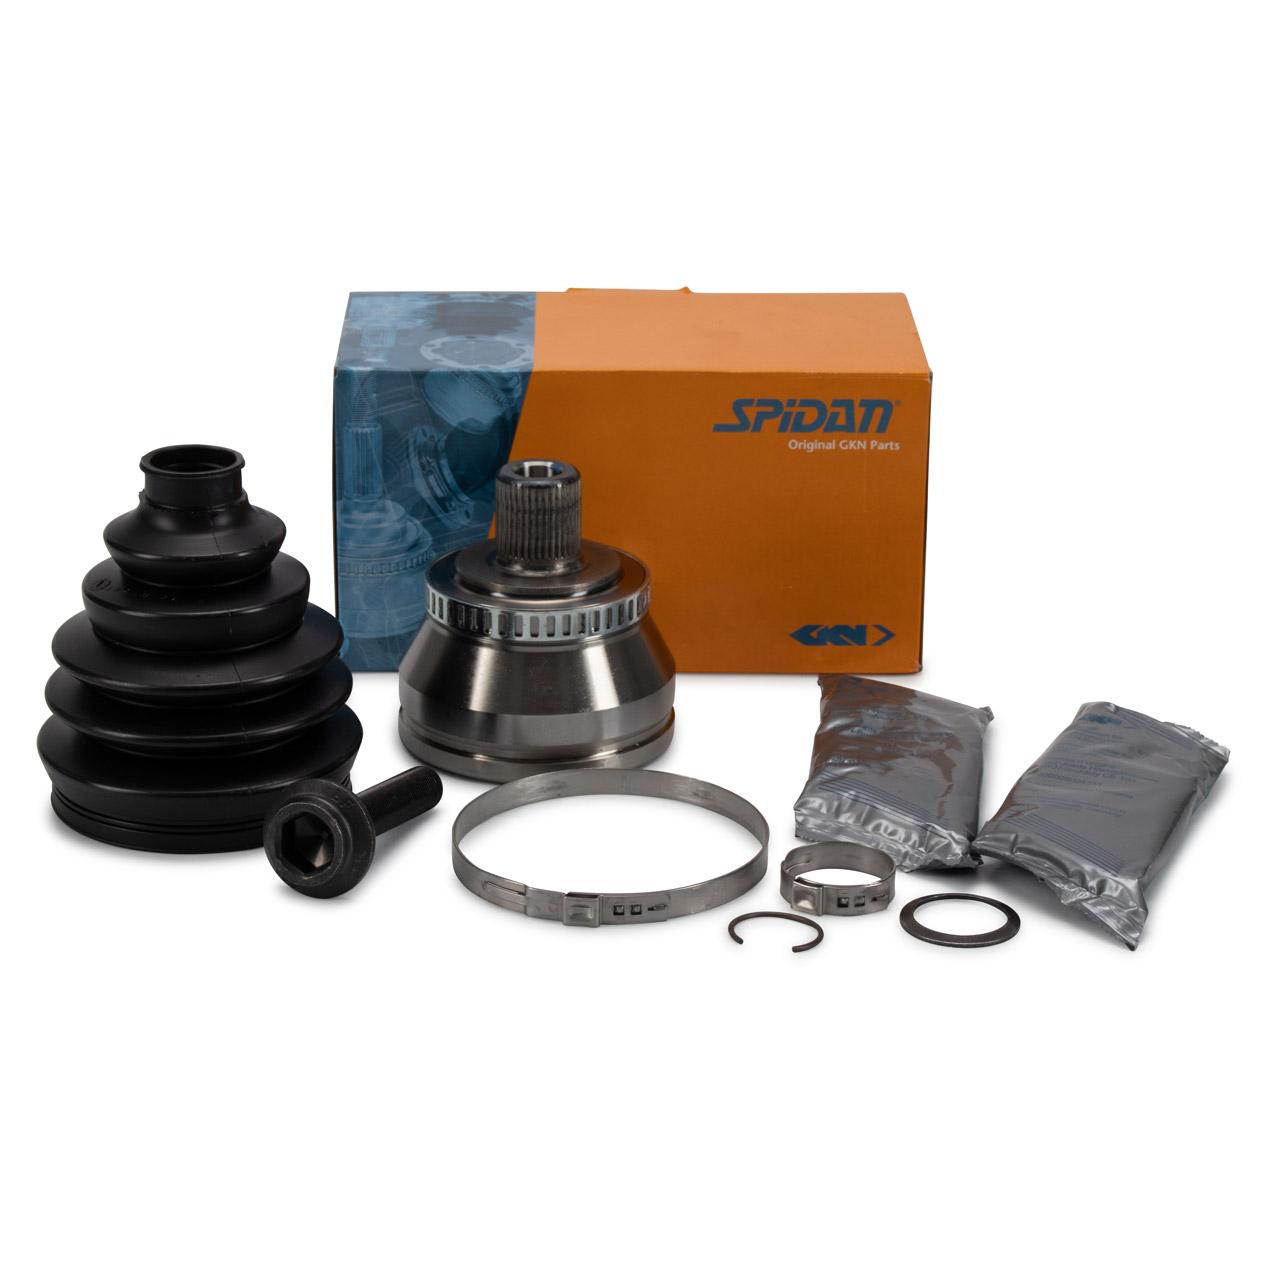 SPIDAN Antriebsgelenk Gelenksatz AUDI A4 B6 B7 SEAT Exeo 3R vorne radseitig 8E0498099C